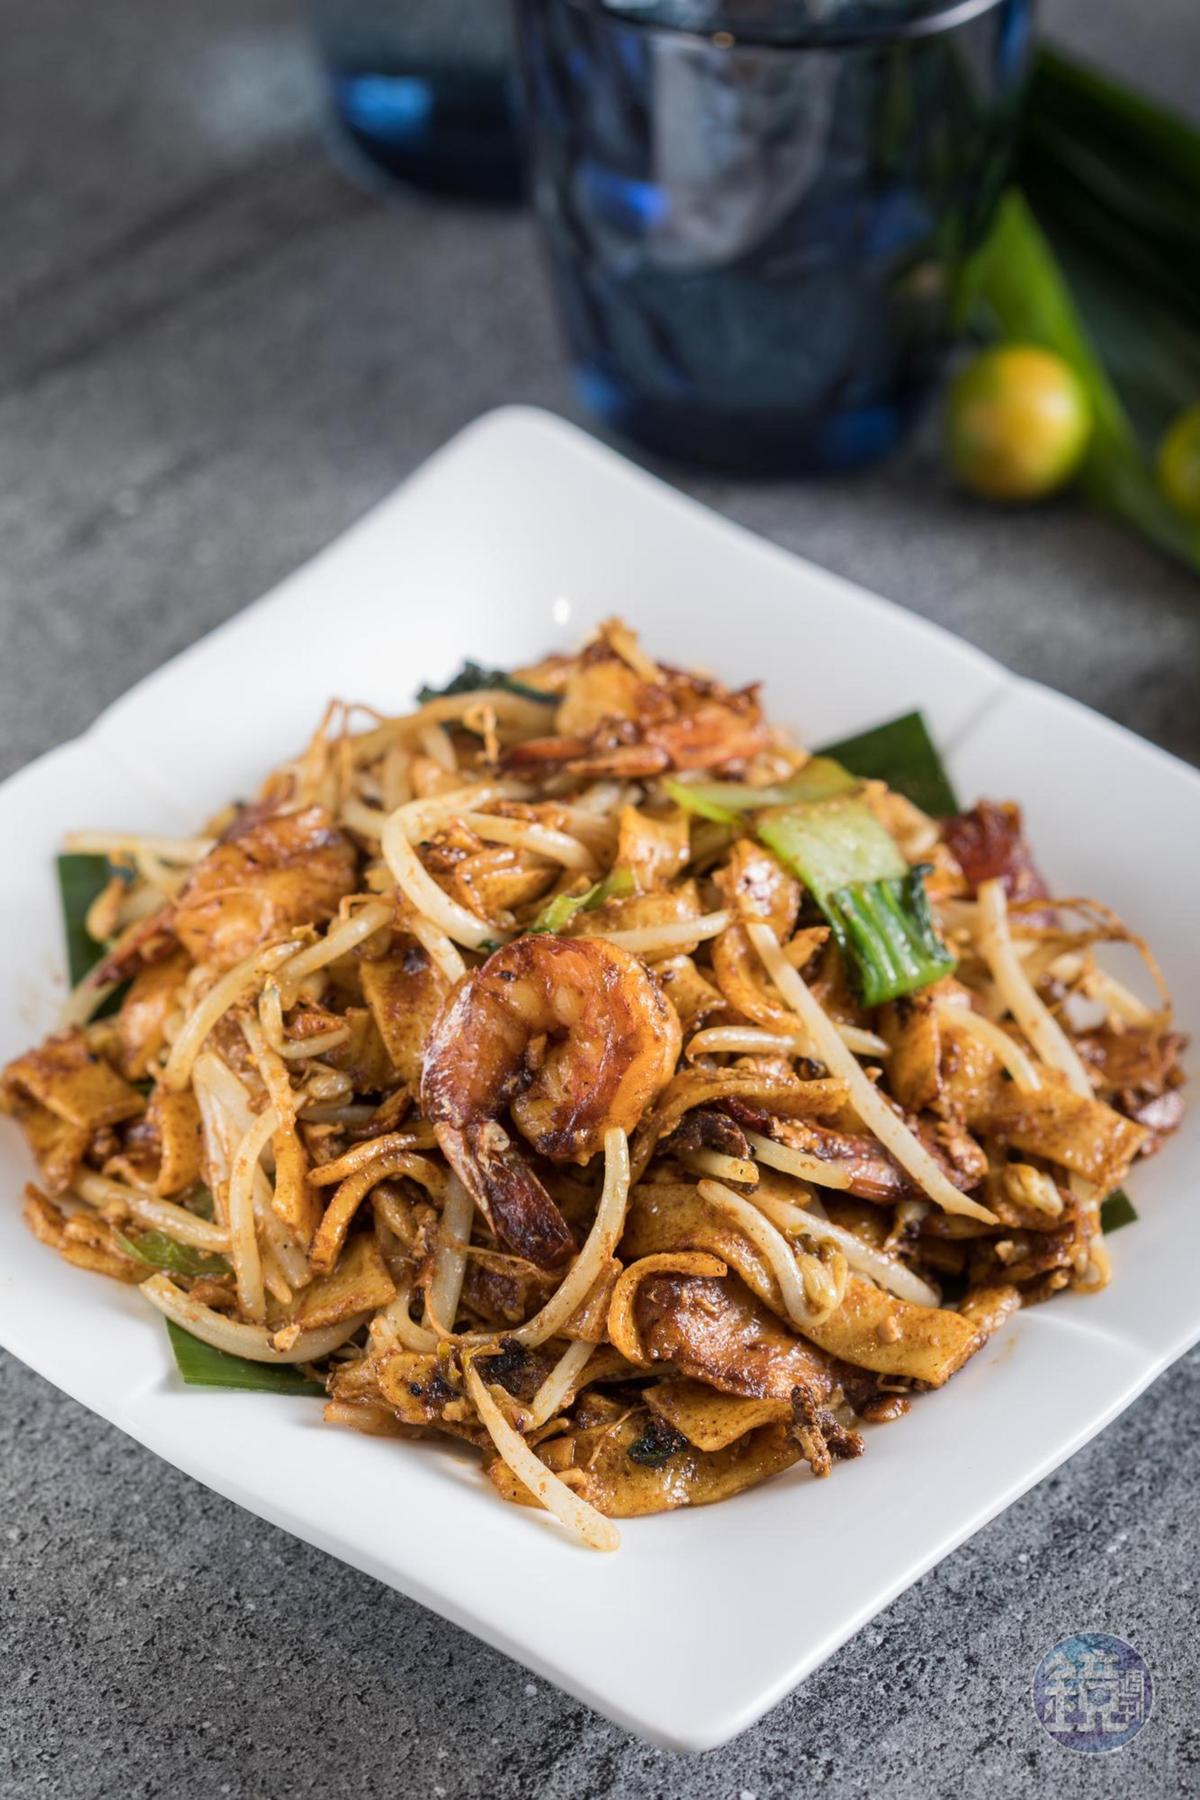 「檳城炒粿條」用自製豬油大火快炒粿條、臘腸,充滿迷人鑊氣。(280元/份)